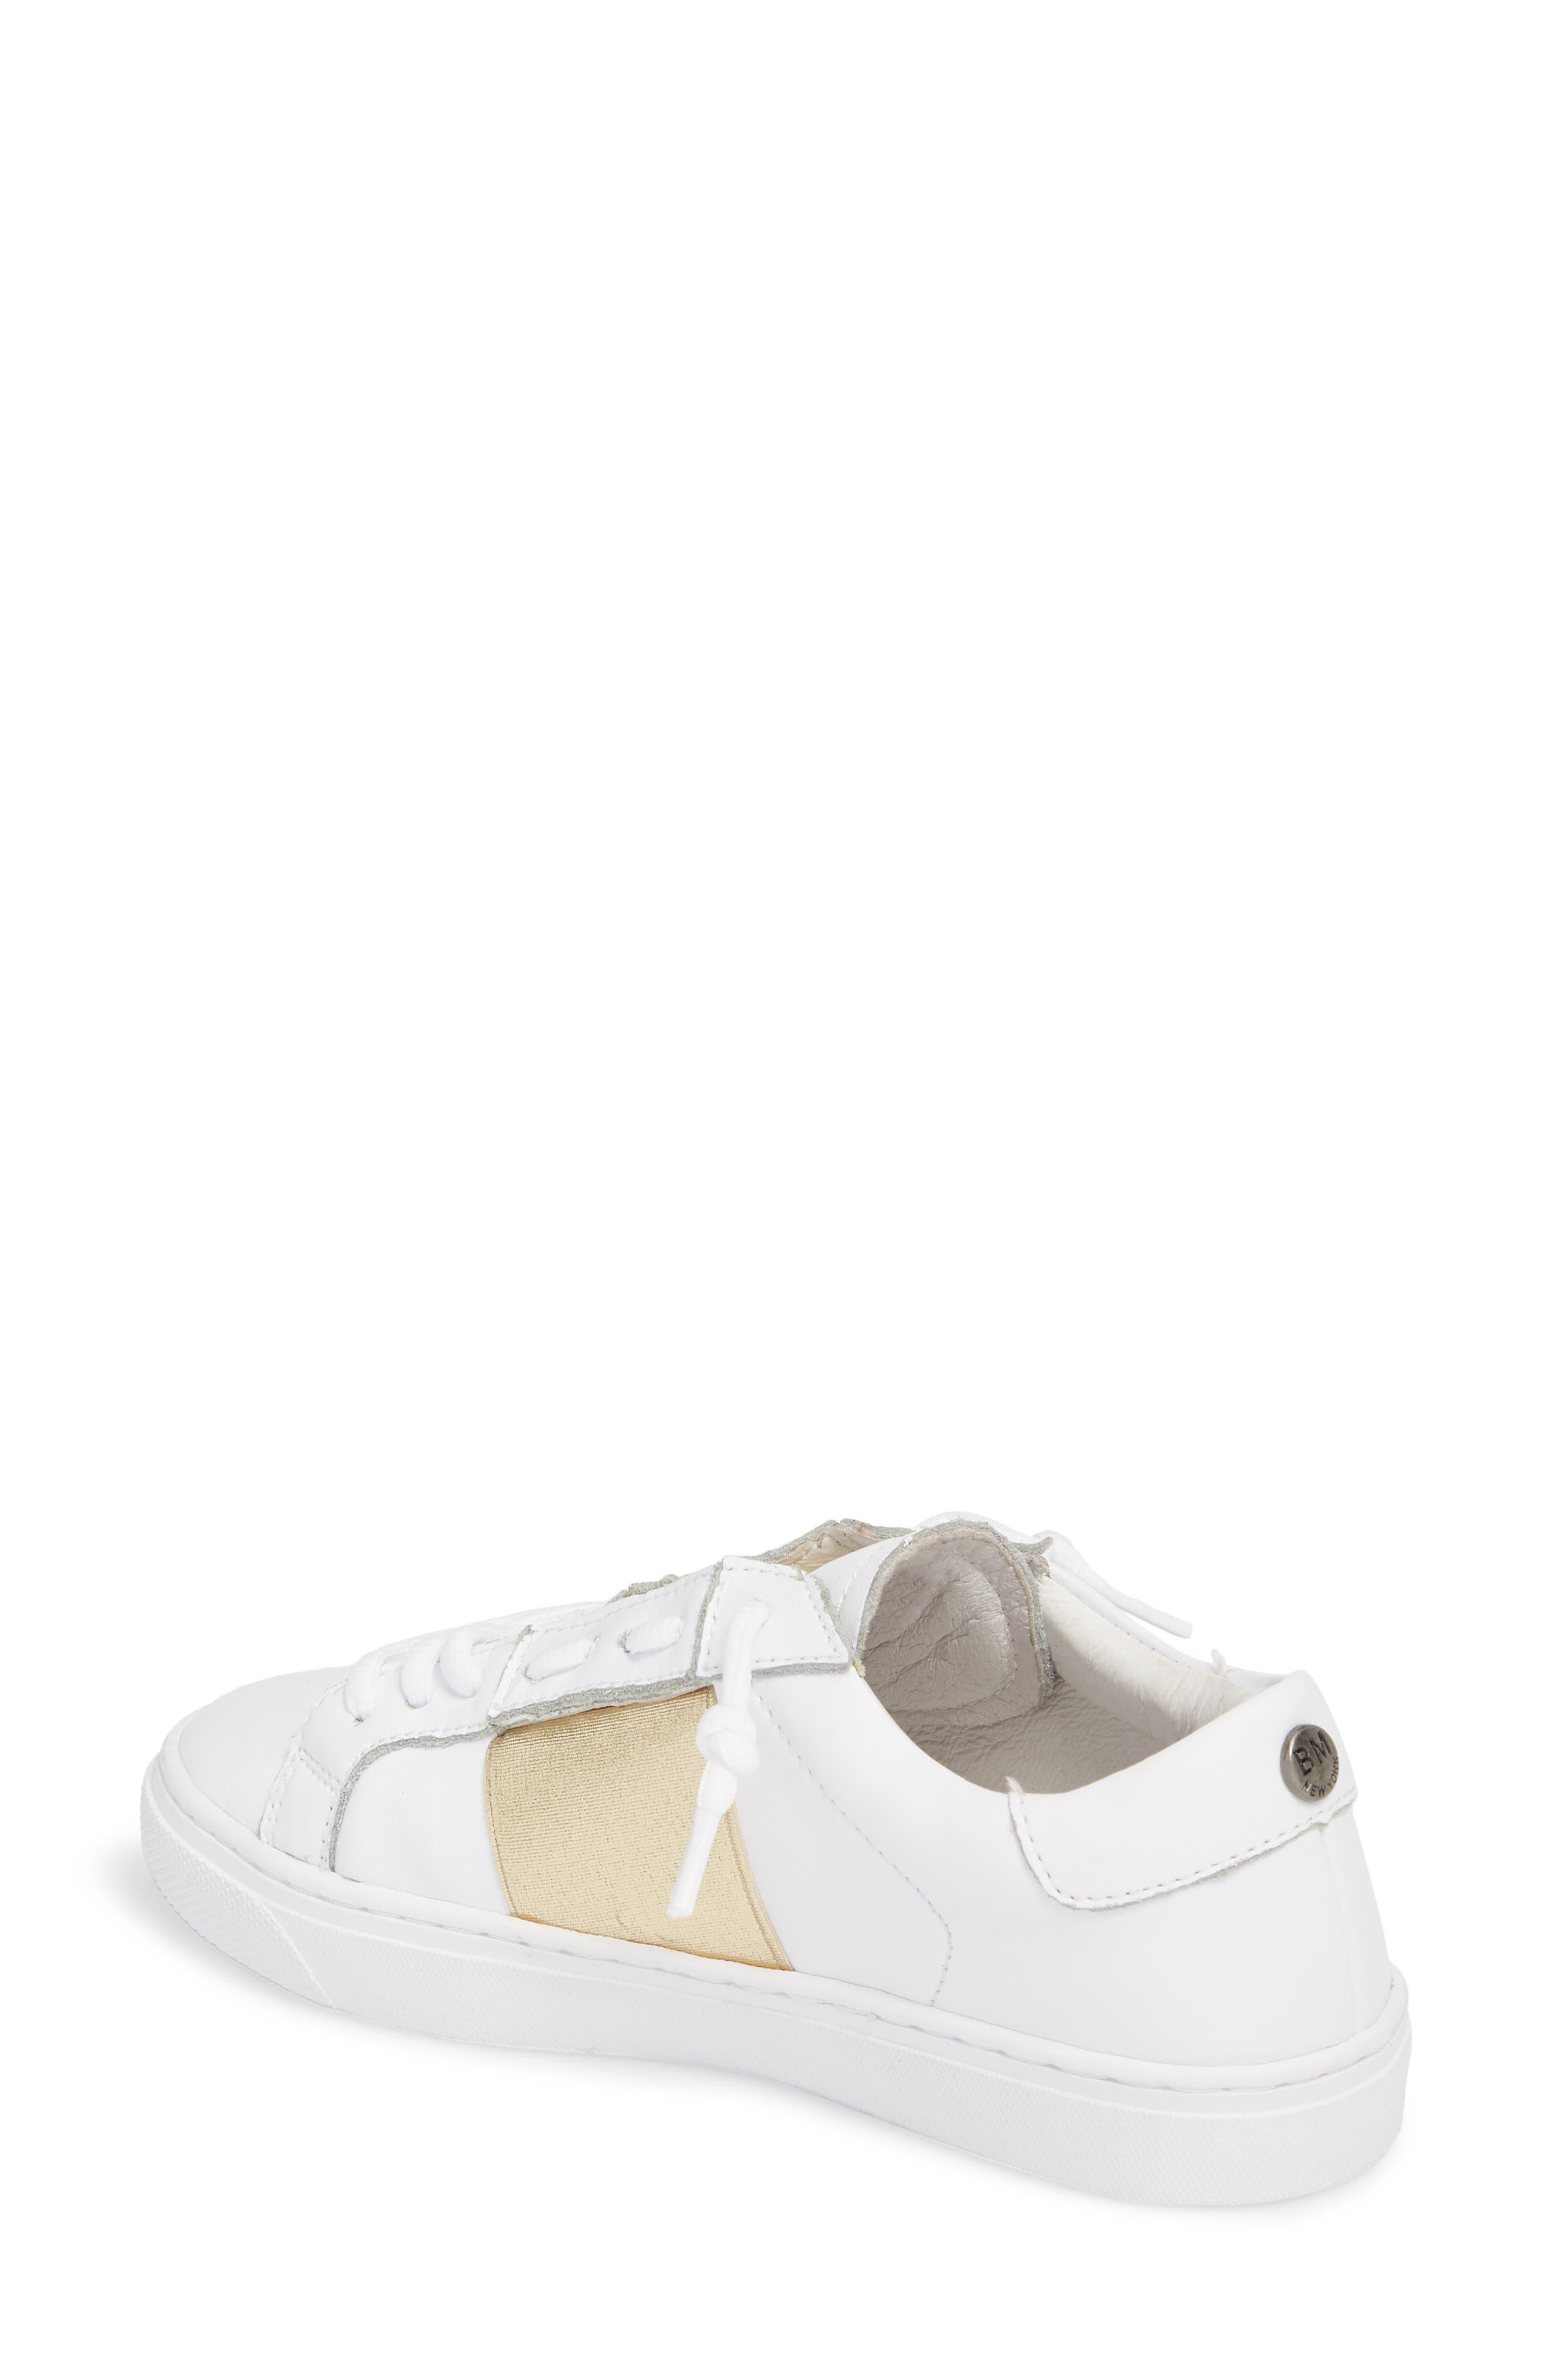 Slip-On Sneaker,                             Alternate thumbnail 2, color,                             Gold Elastic Leather